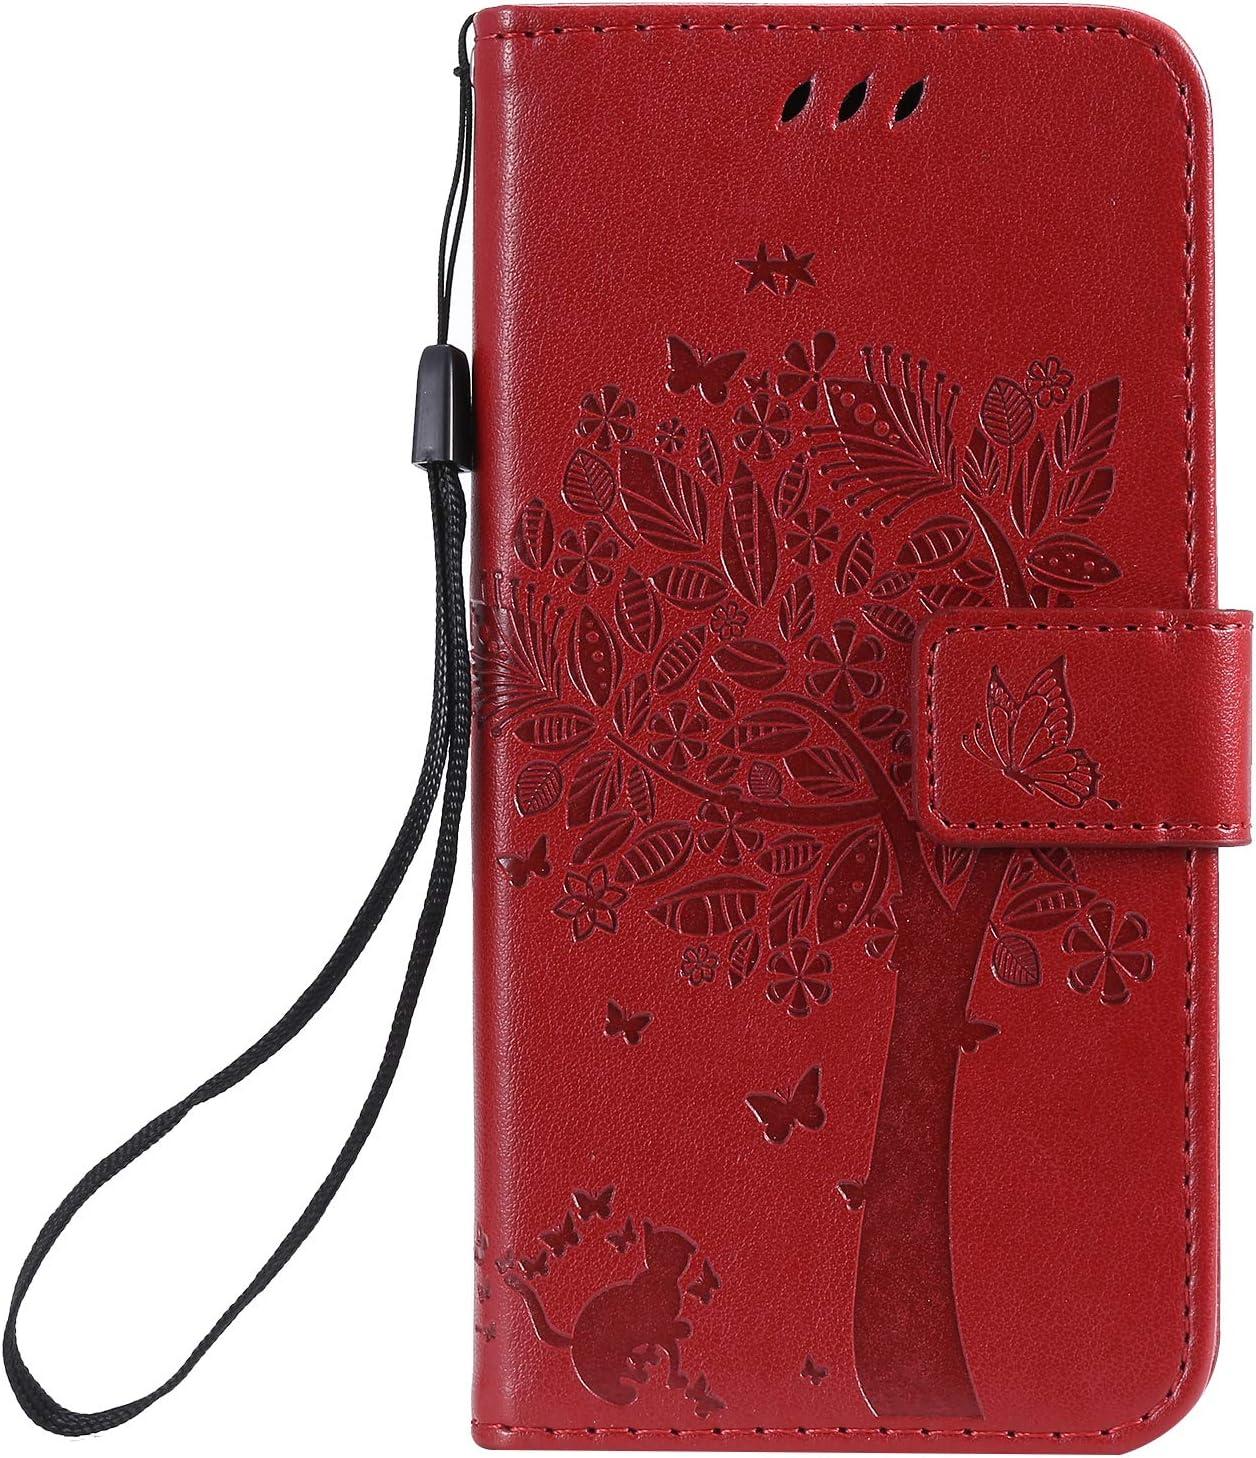 Karomenic kompatibel mit Samsung Galaxy A40 PU Leder H/ülle Katze Baum Pr/ägung Handyh/ülle Brieftasche Silikon Schutzh/ülle Klapph/ülle Ledertasche St/änder Wallet Flip Case Schale Etui,Grau